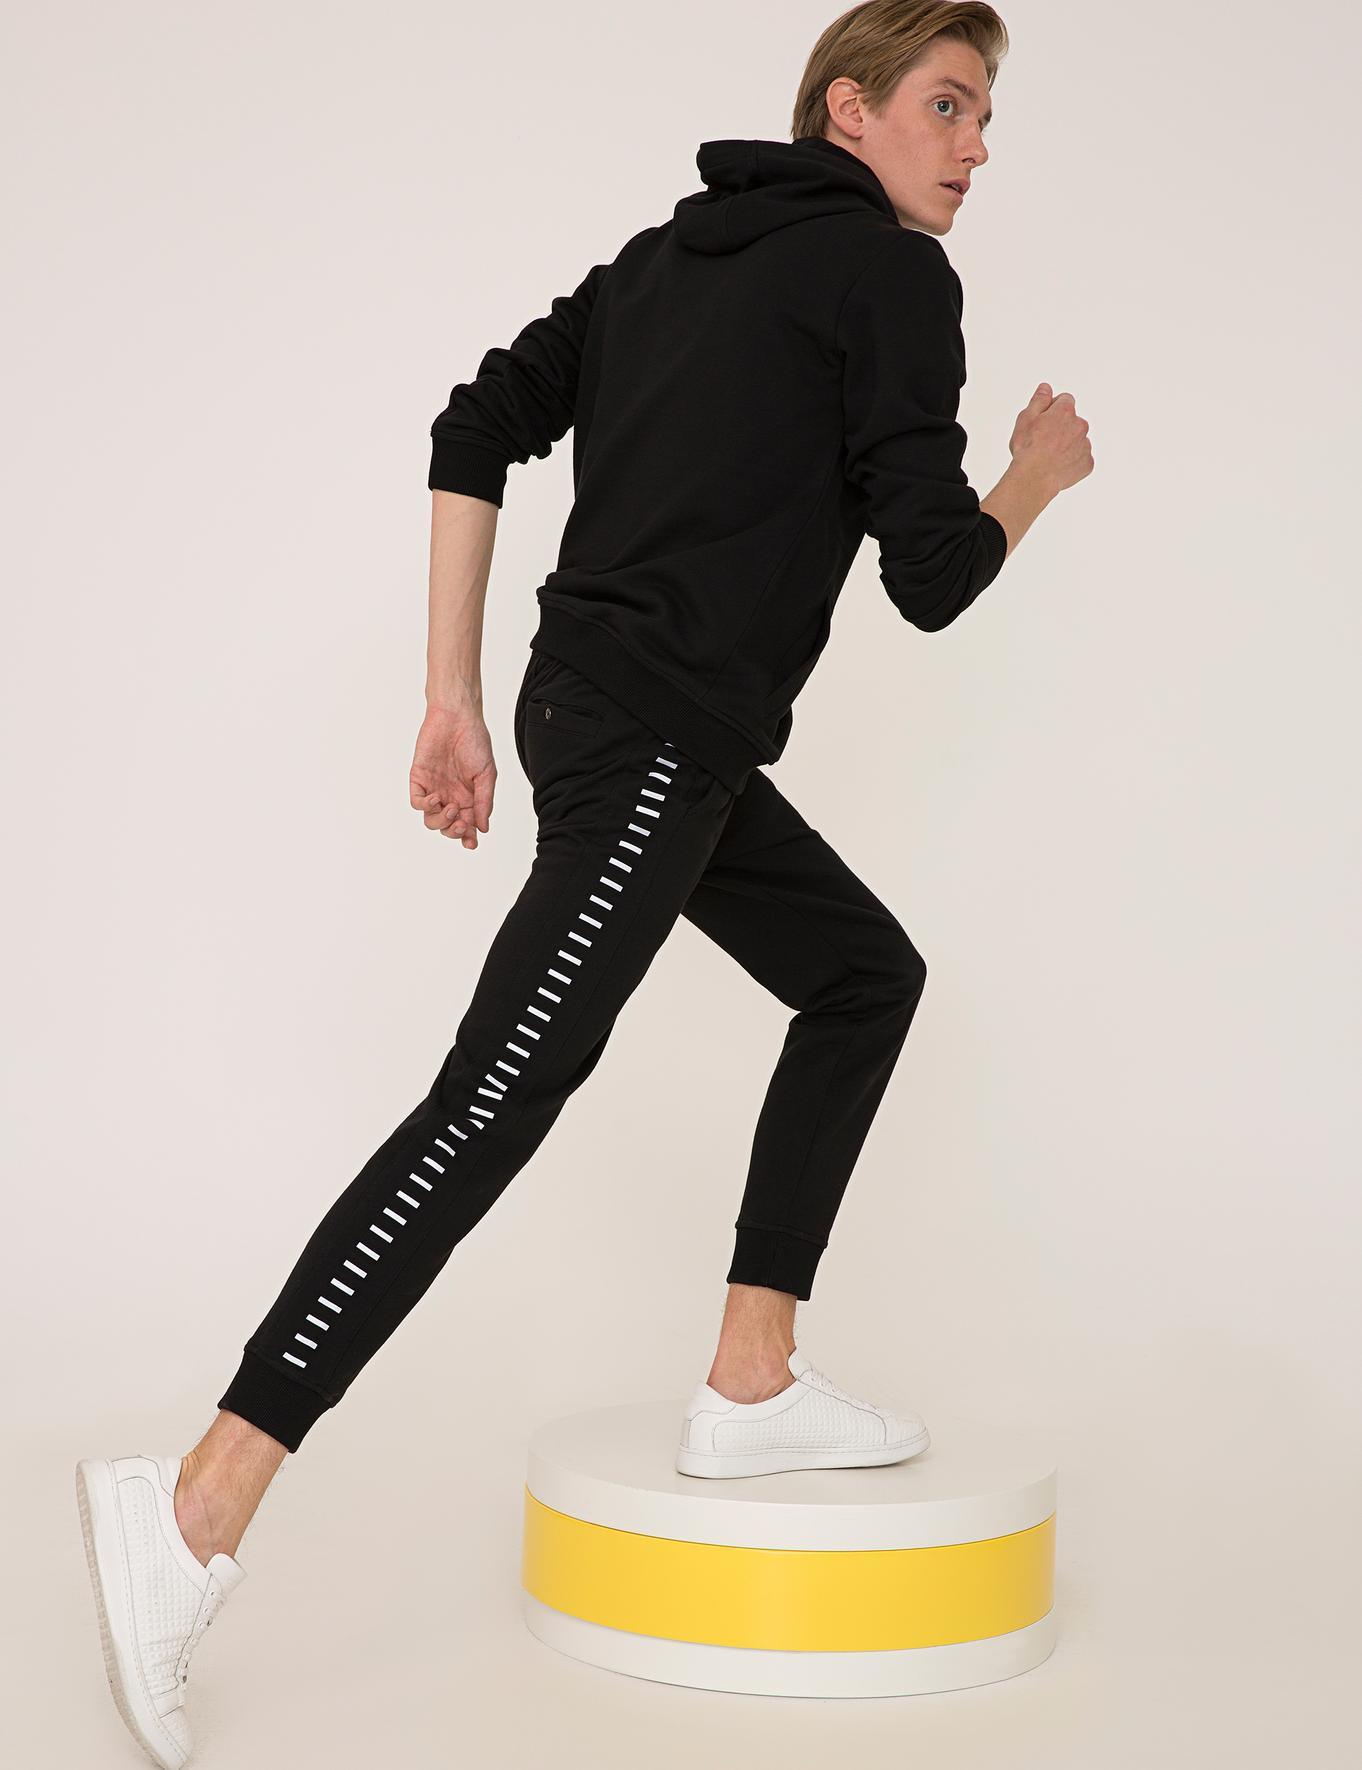 Siyah Örme Pantolon - 50236095006